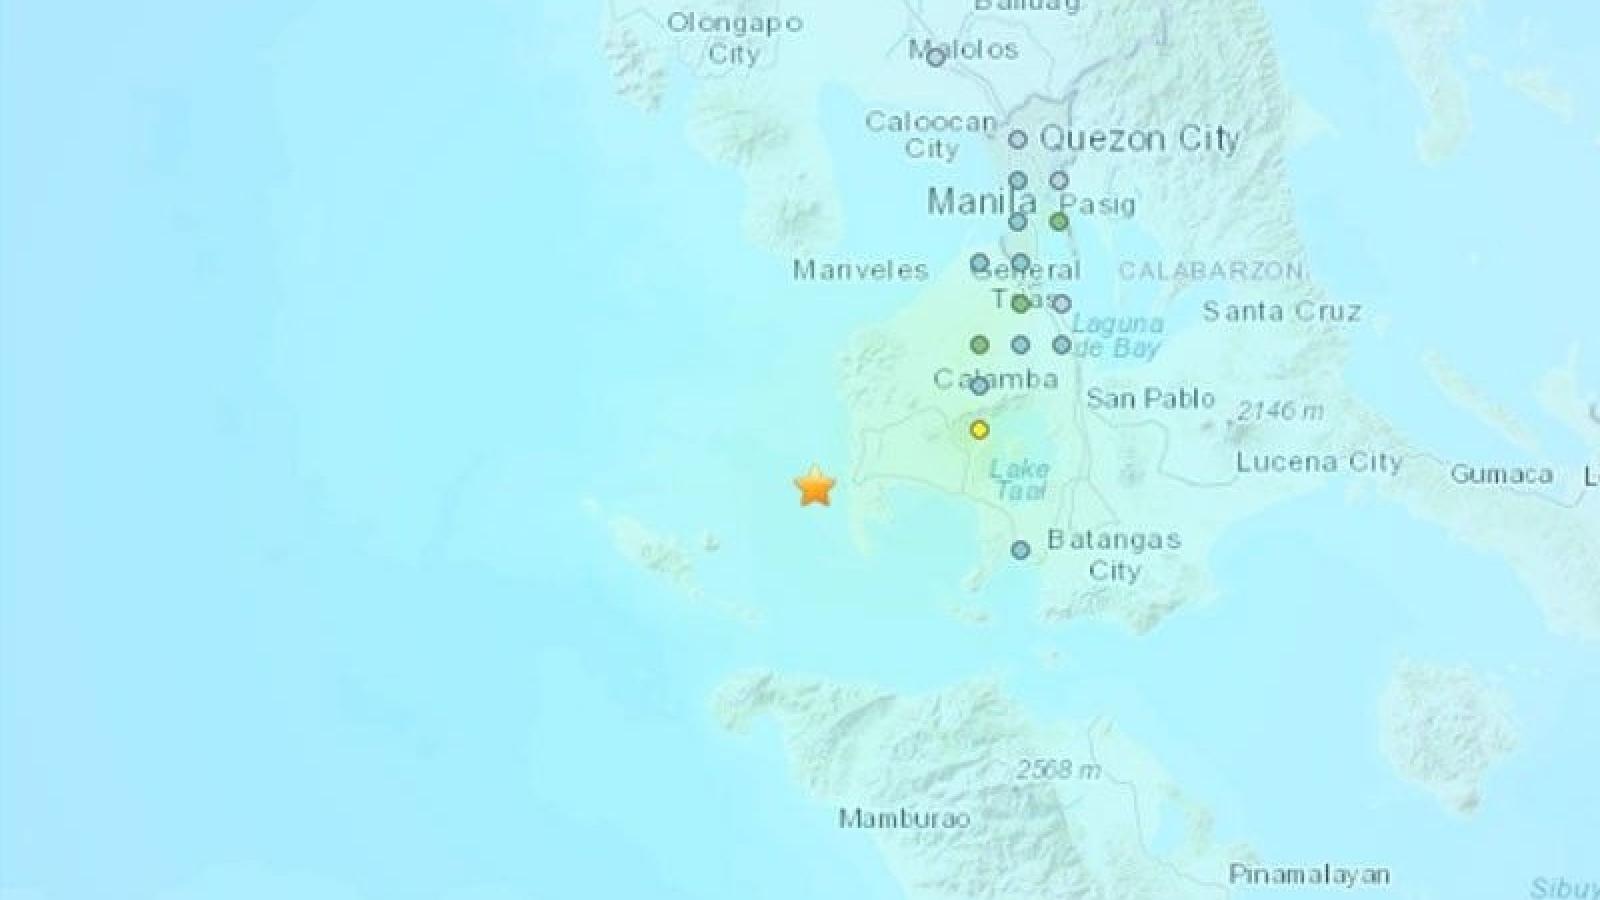 Ít nhất 23 dư chấn xảy ra sau trận động đất 5,7 độ Richter tại Philippines